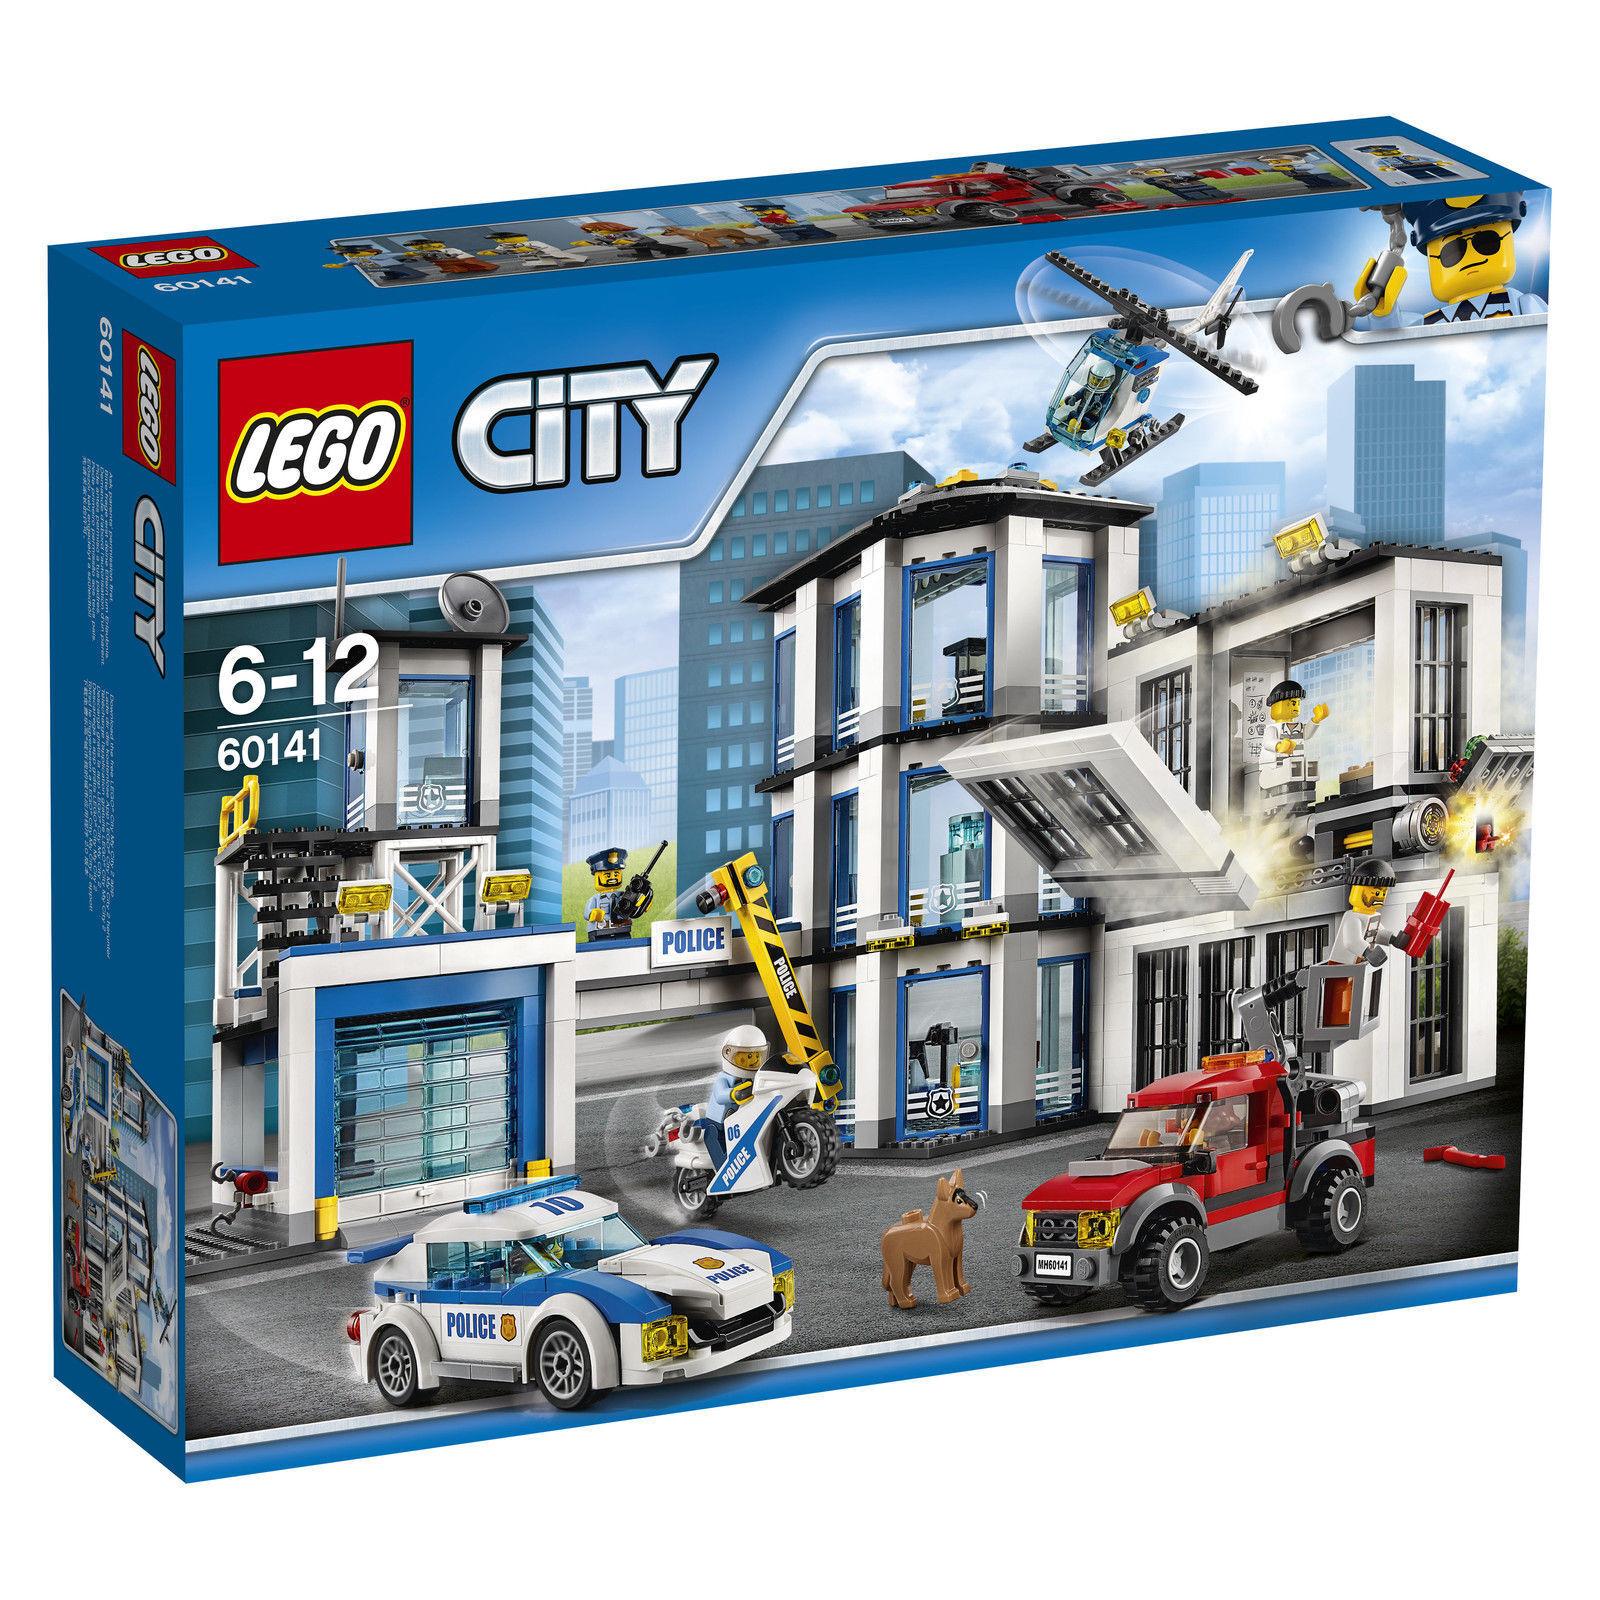 LEGO City Die Die Die große Polizeiwache (60141) -NEU- 993e7c